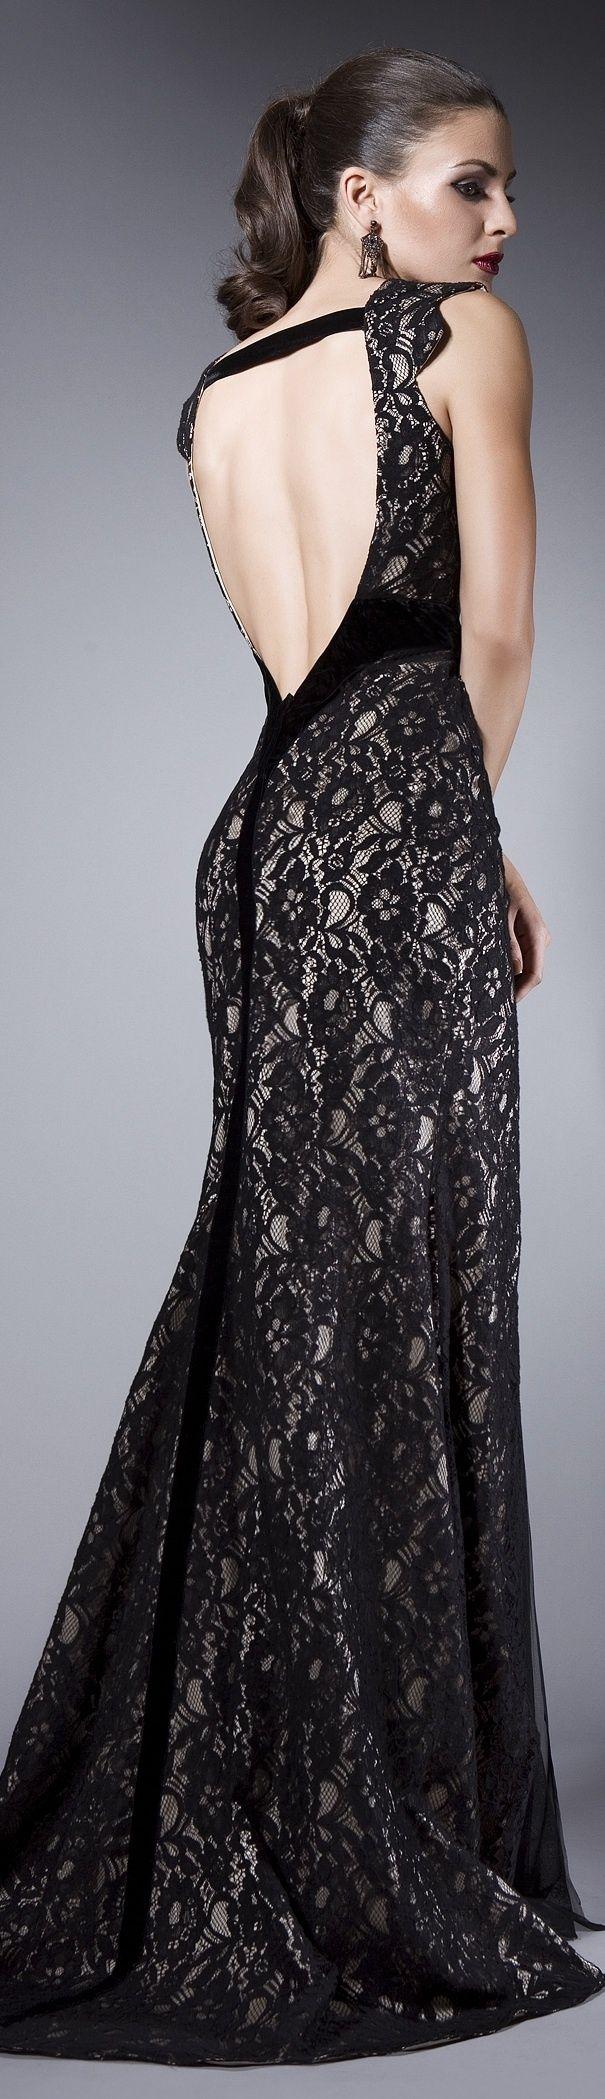 Vestidos longos de renda - http://vestidododia.com.br/vestidos-de-festa/vestidos-longos-de-renda/